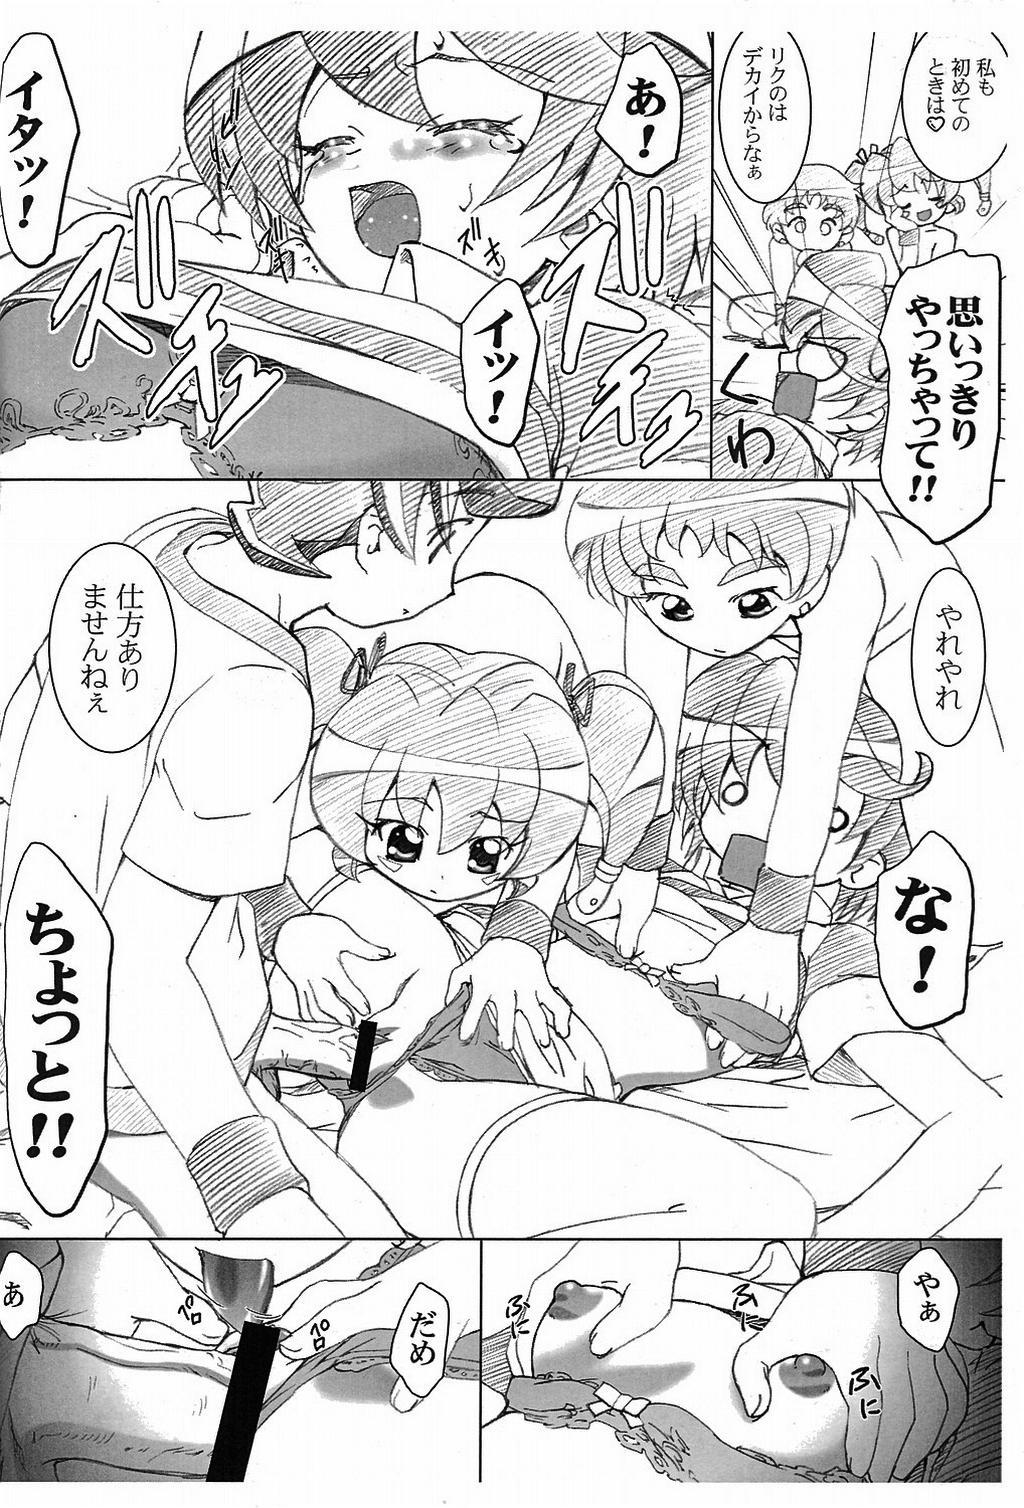 Nazunachan Igai Mo Puchi Katsuyaku!! 3